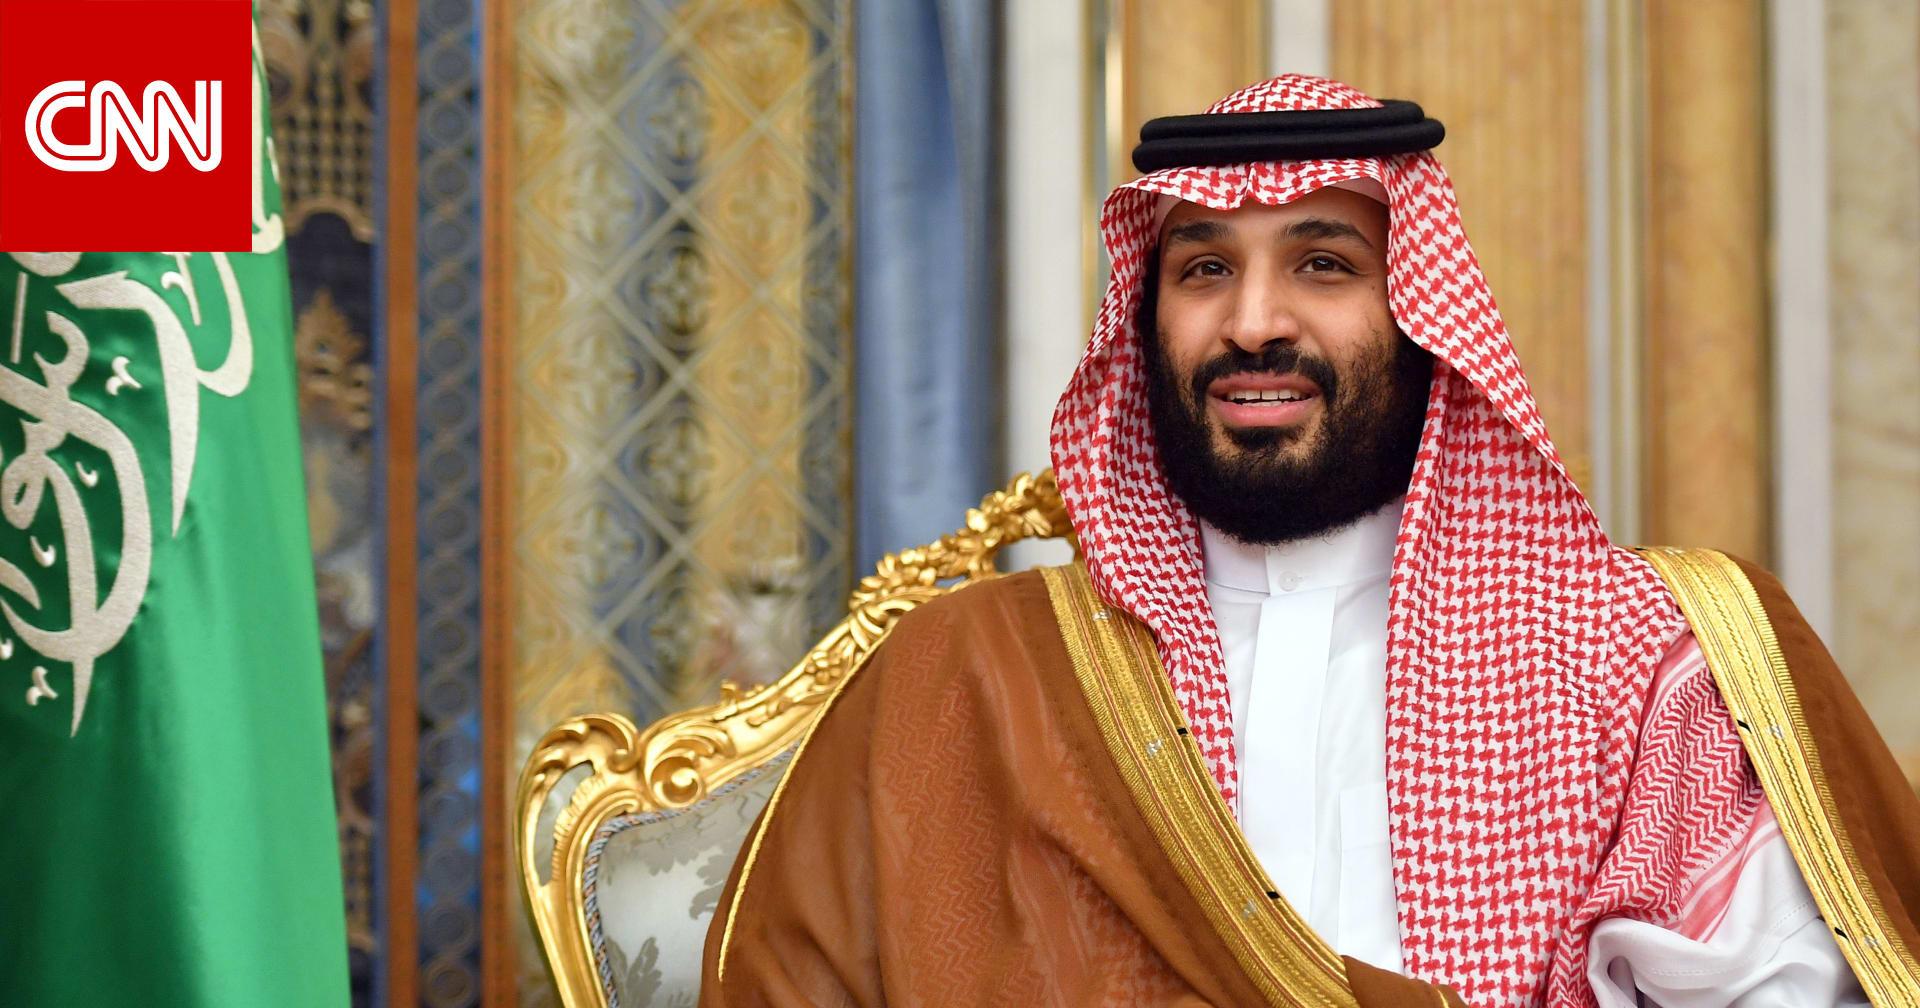 ولي عهد السعودية يطلق استراتيجية النقل والخدمات اللوجستية.. ماذا تتضمن؟